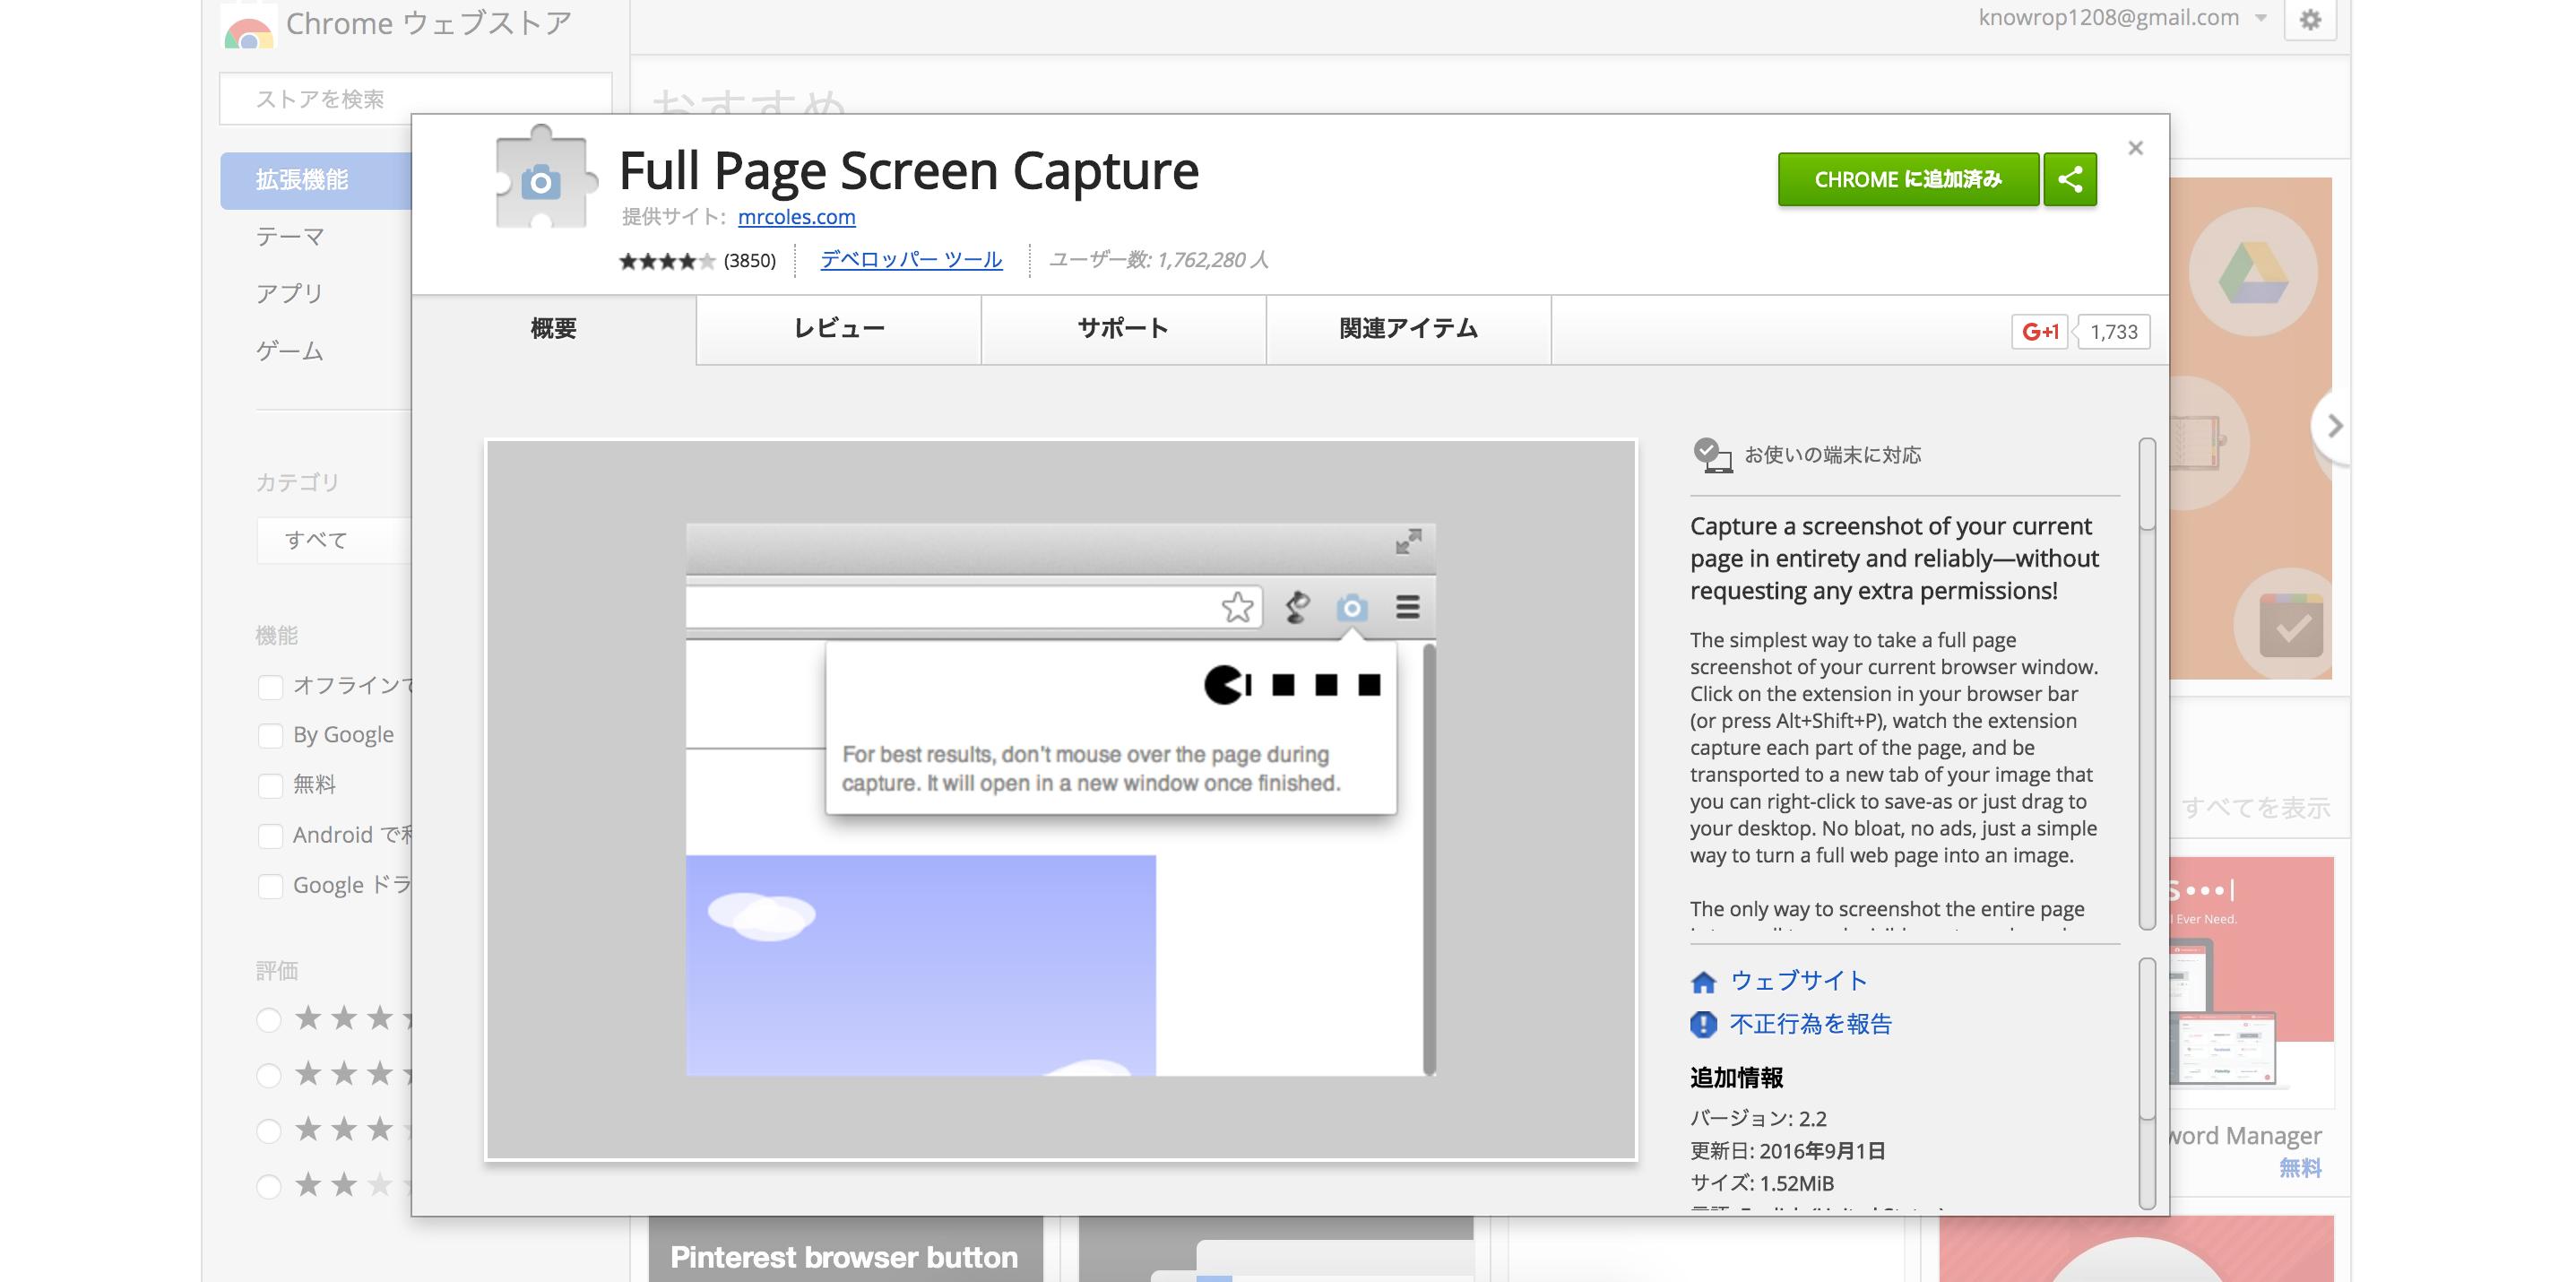 fullpagecapture - 僕のWebデザインセンスを急成長させてくれたツール12選